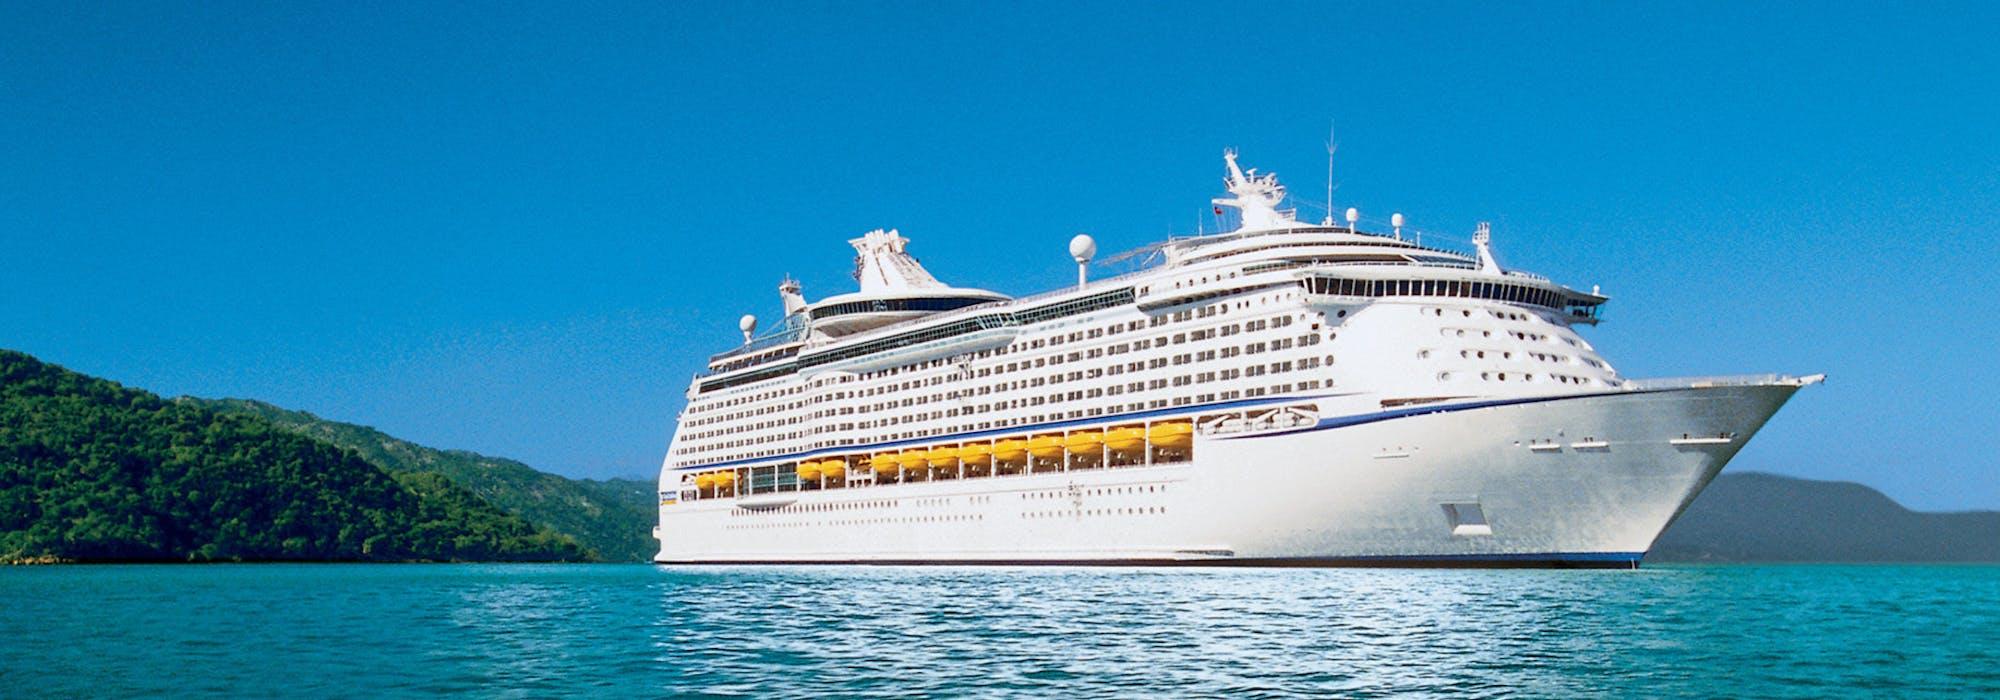 Fartyget Voyager of the Seas på håll med vackert blått vatten i förgrunden och smaragdgrön skog i bakgrunden.